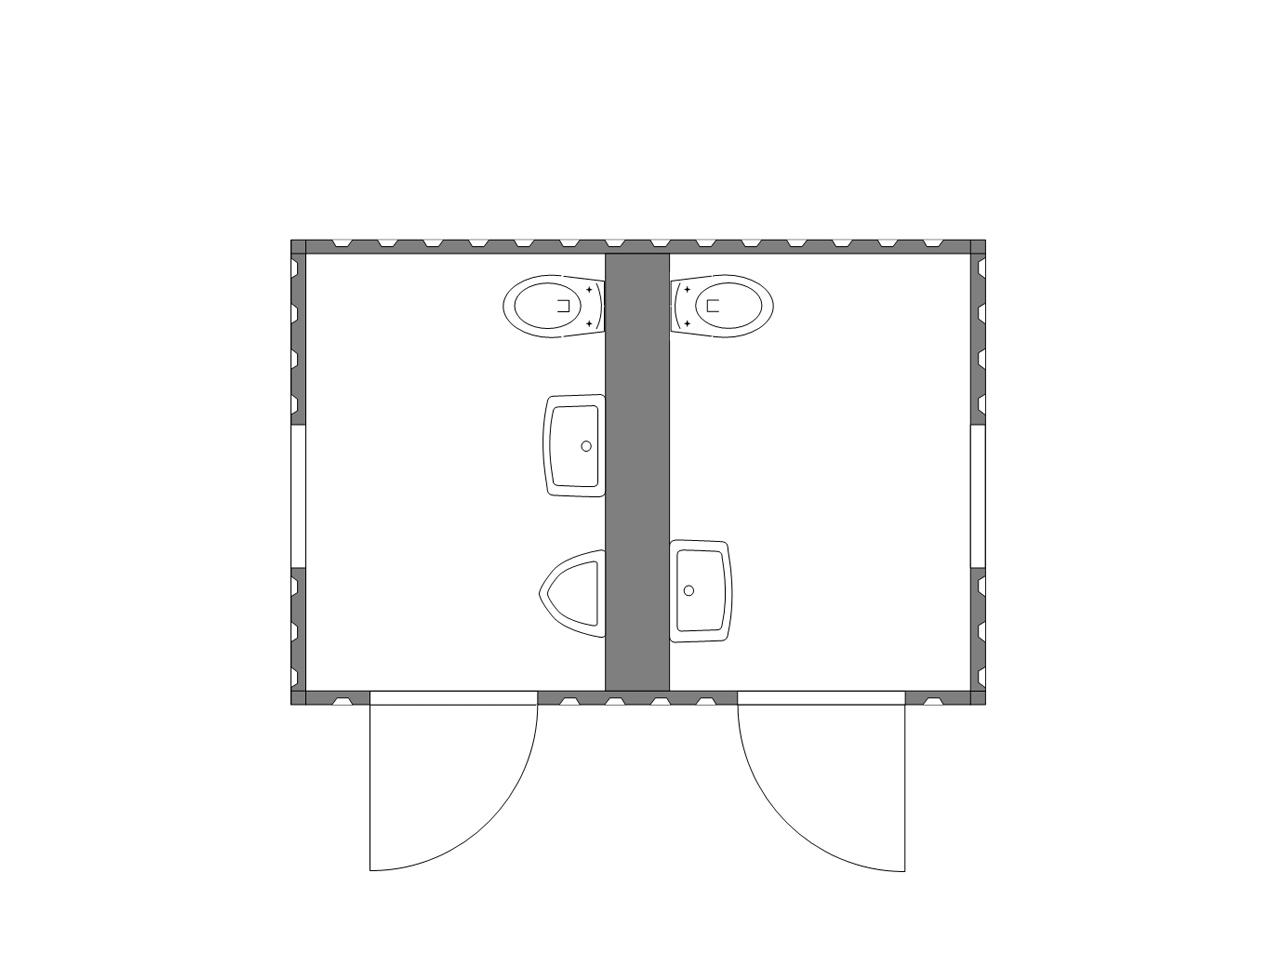 Sanitärcontainer Typ 2.3 13854 - isolierter Toilettencontainer für Damen und Herren